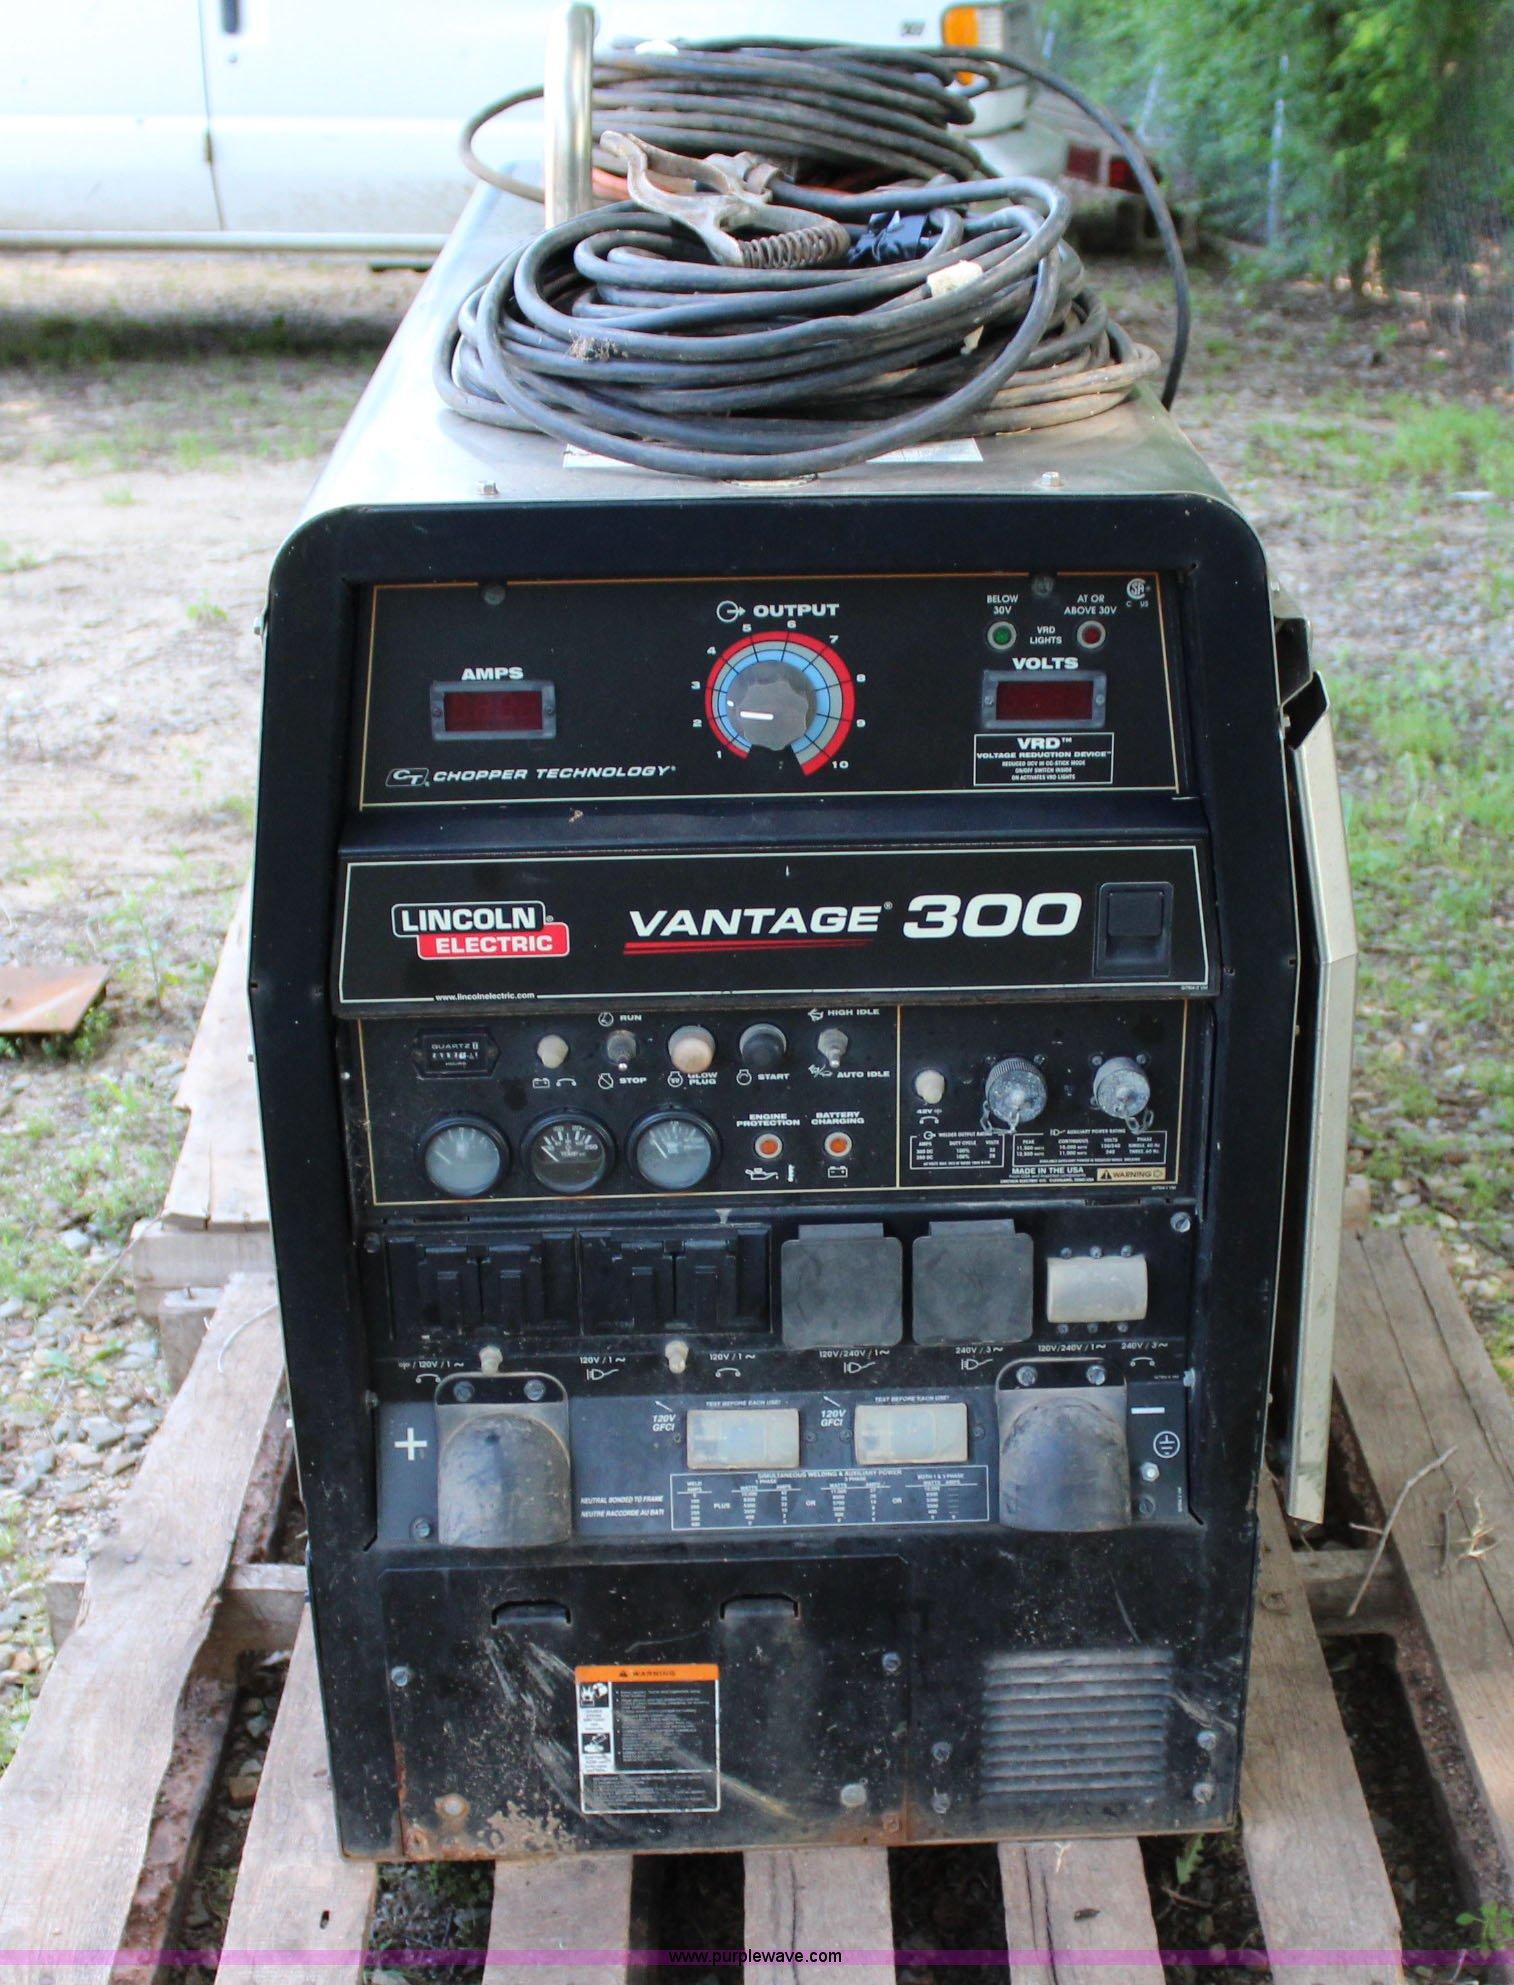 2012 Lincoln Vantage 300 welder   Item I1652   SOLD! June 25